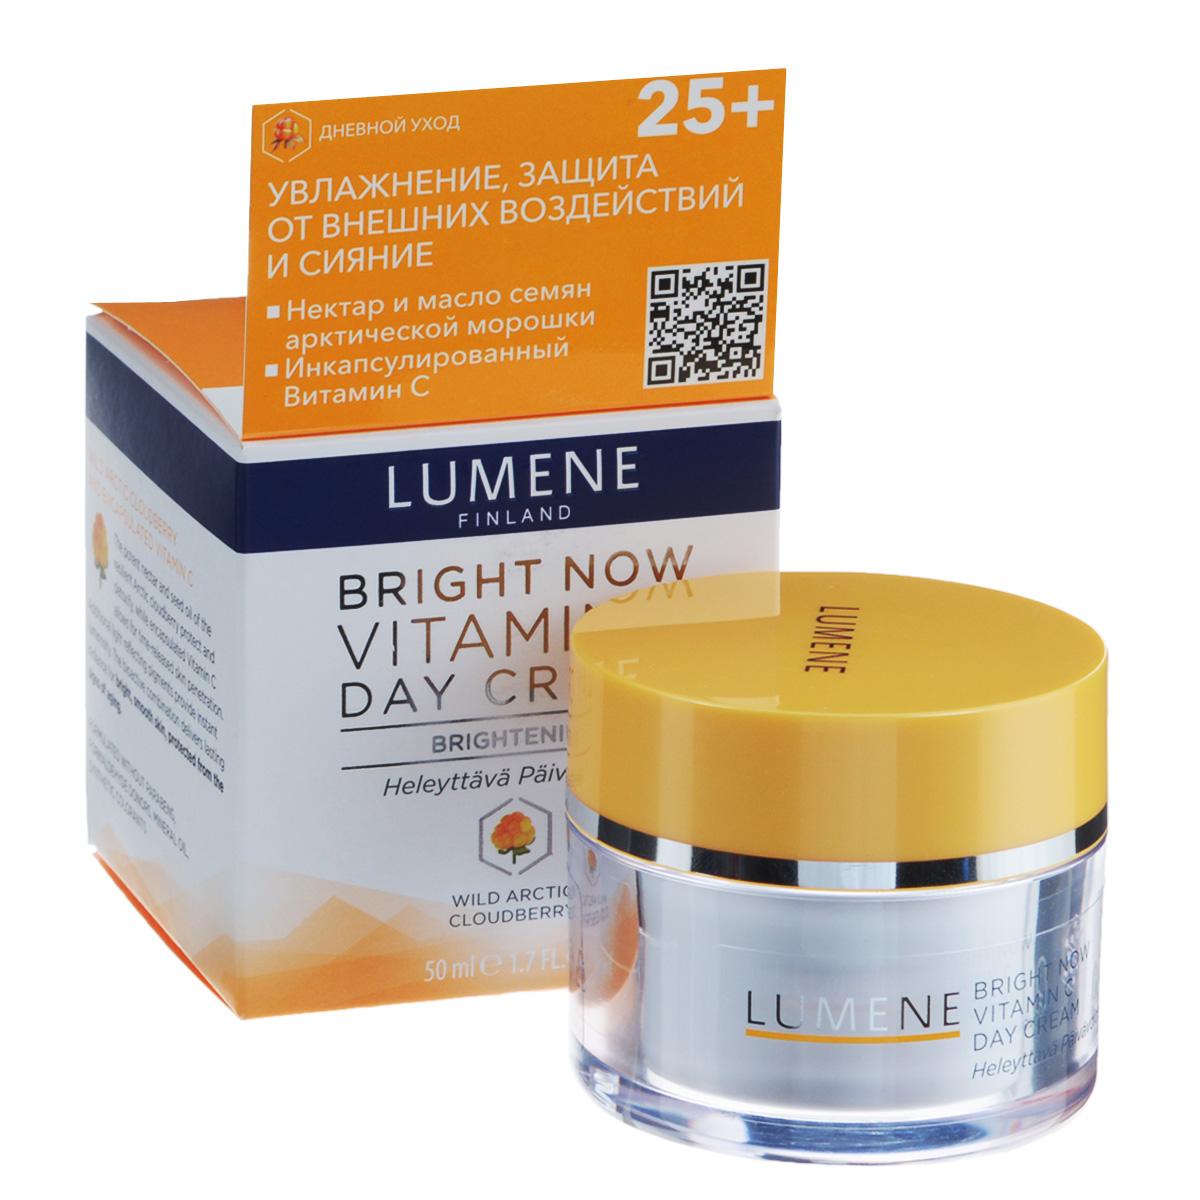 Lumene Дневной крем для лица Bright Now Vitamin C, придающий сияние, 50 млNL574-80140Дневной крем Lumene Bright Now Vitamin C освежает, увлажняет и восстанавливает баланс влаги в коже, улучшает и выравнивает цвет лица. Подходит для всех типов кожи. Специально разработанная формула борется с появлением первых признаков старения. Сочетание двух мощных ингредиентов - нектара и масла семян арктической морошки - является сильным антиоксидантом, который ухаживает за кожей, обеспечивая эффект детоксикации и защищая от внешних воздействий. Инкапсулированный витамин С придает коже сияние. Светоотражающие пигменты мгновенно освежают цвет лица. Произведено без парабенов, производных формальдегида, минеральных масел и синтетических красителей. Товар сертифицирован.